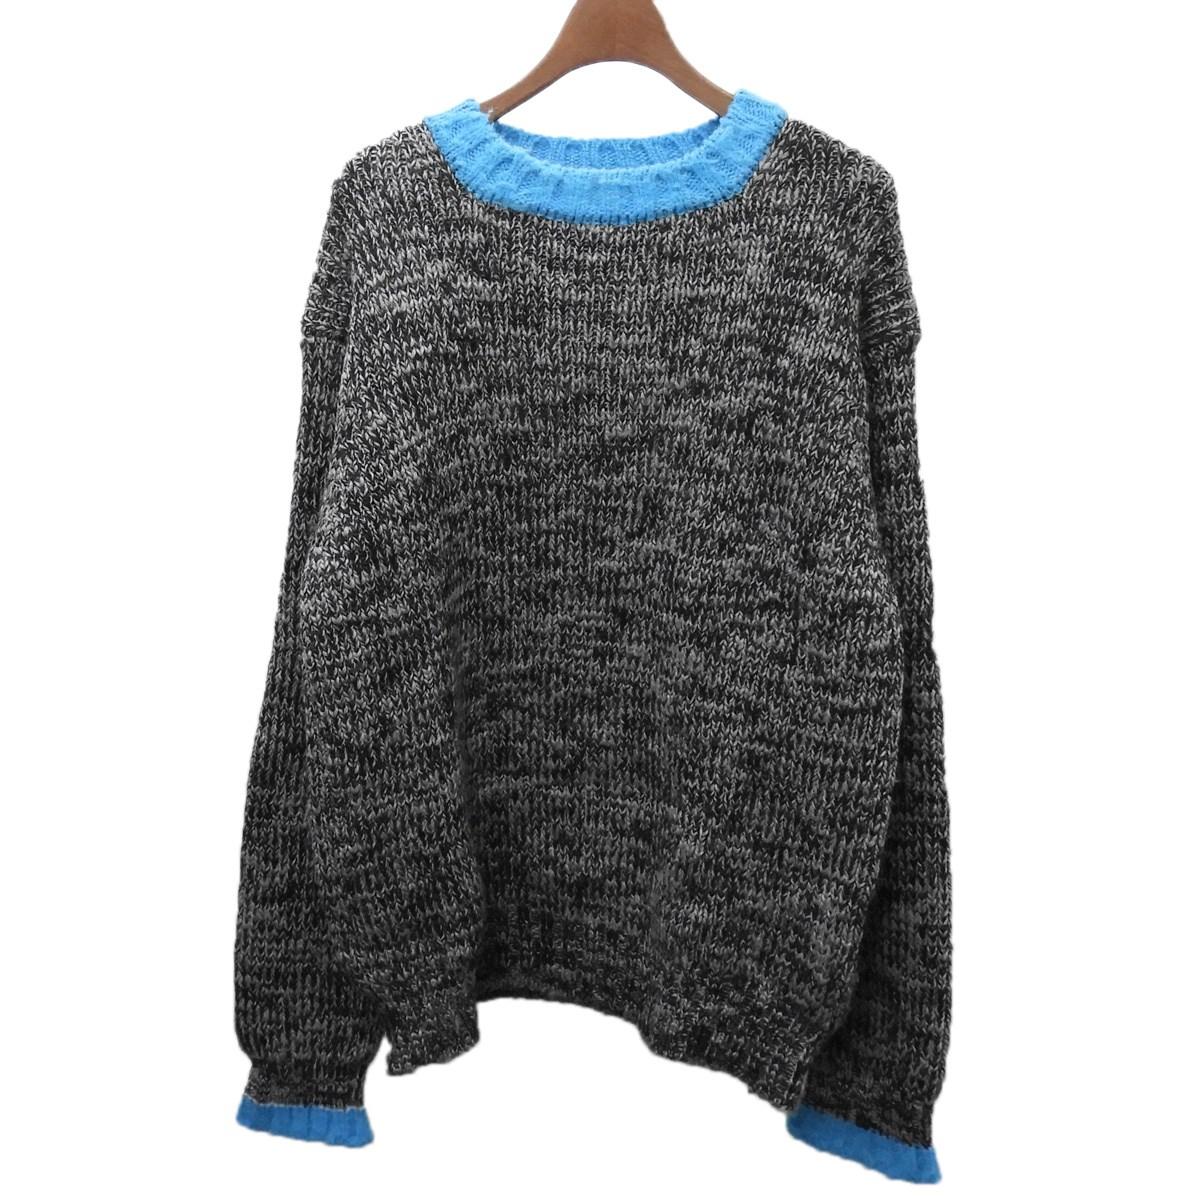 【中古】FACETASM 「MOTTLED SWEATER」セーター グレー×ブルー サイズ:5 【100420】(ファセッタズム)